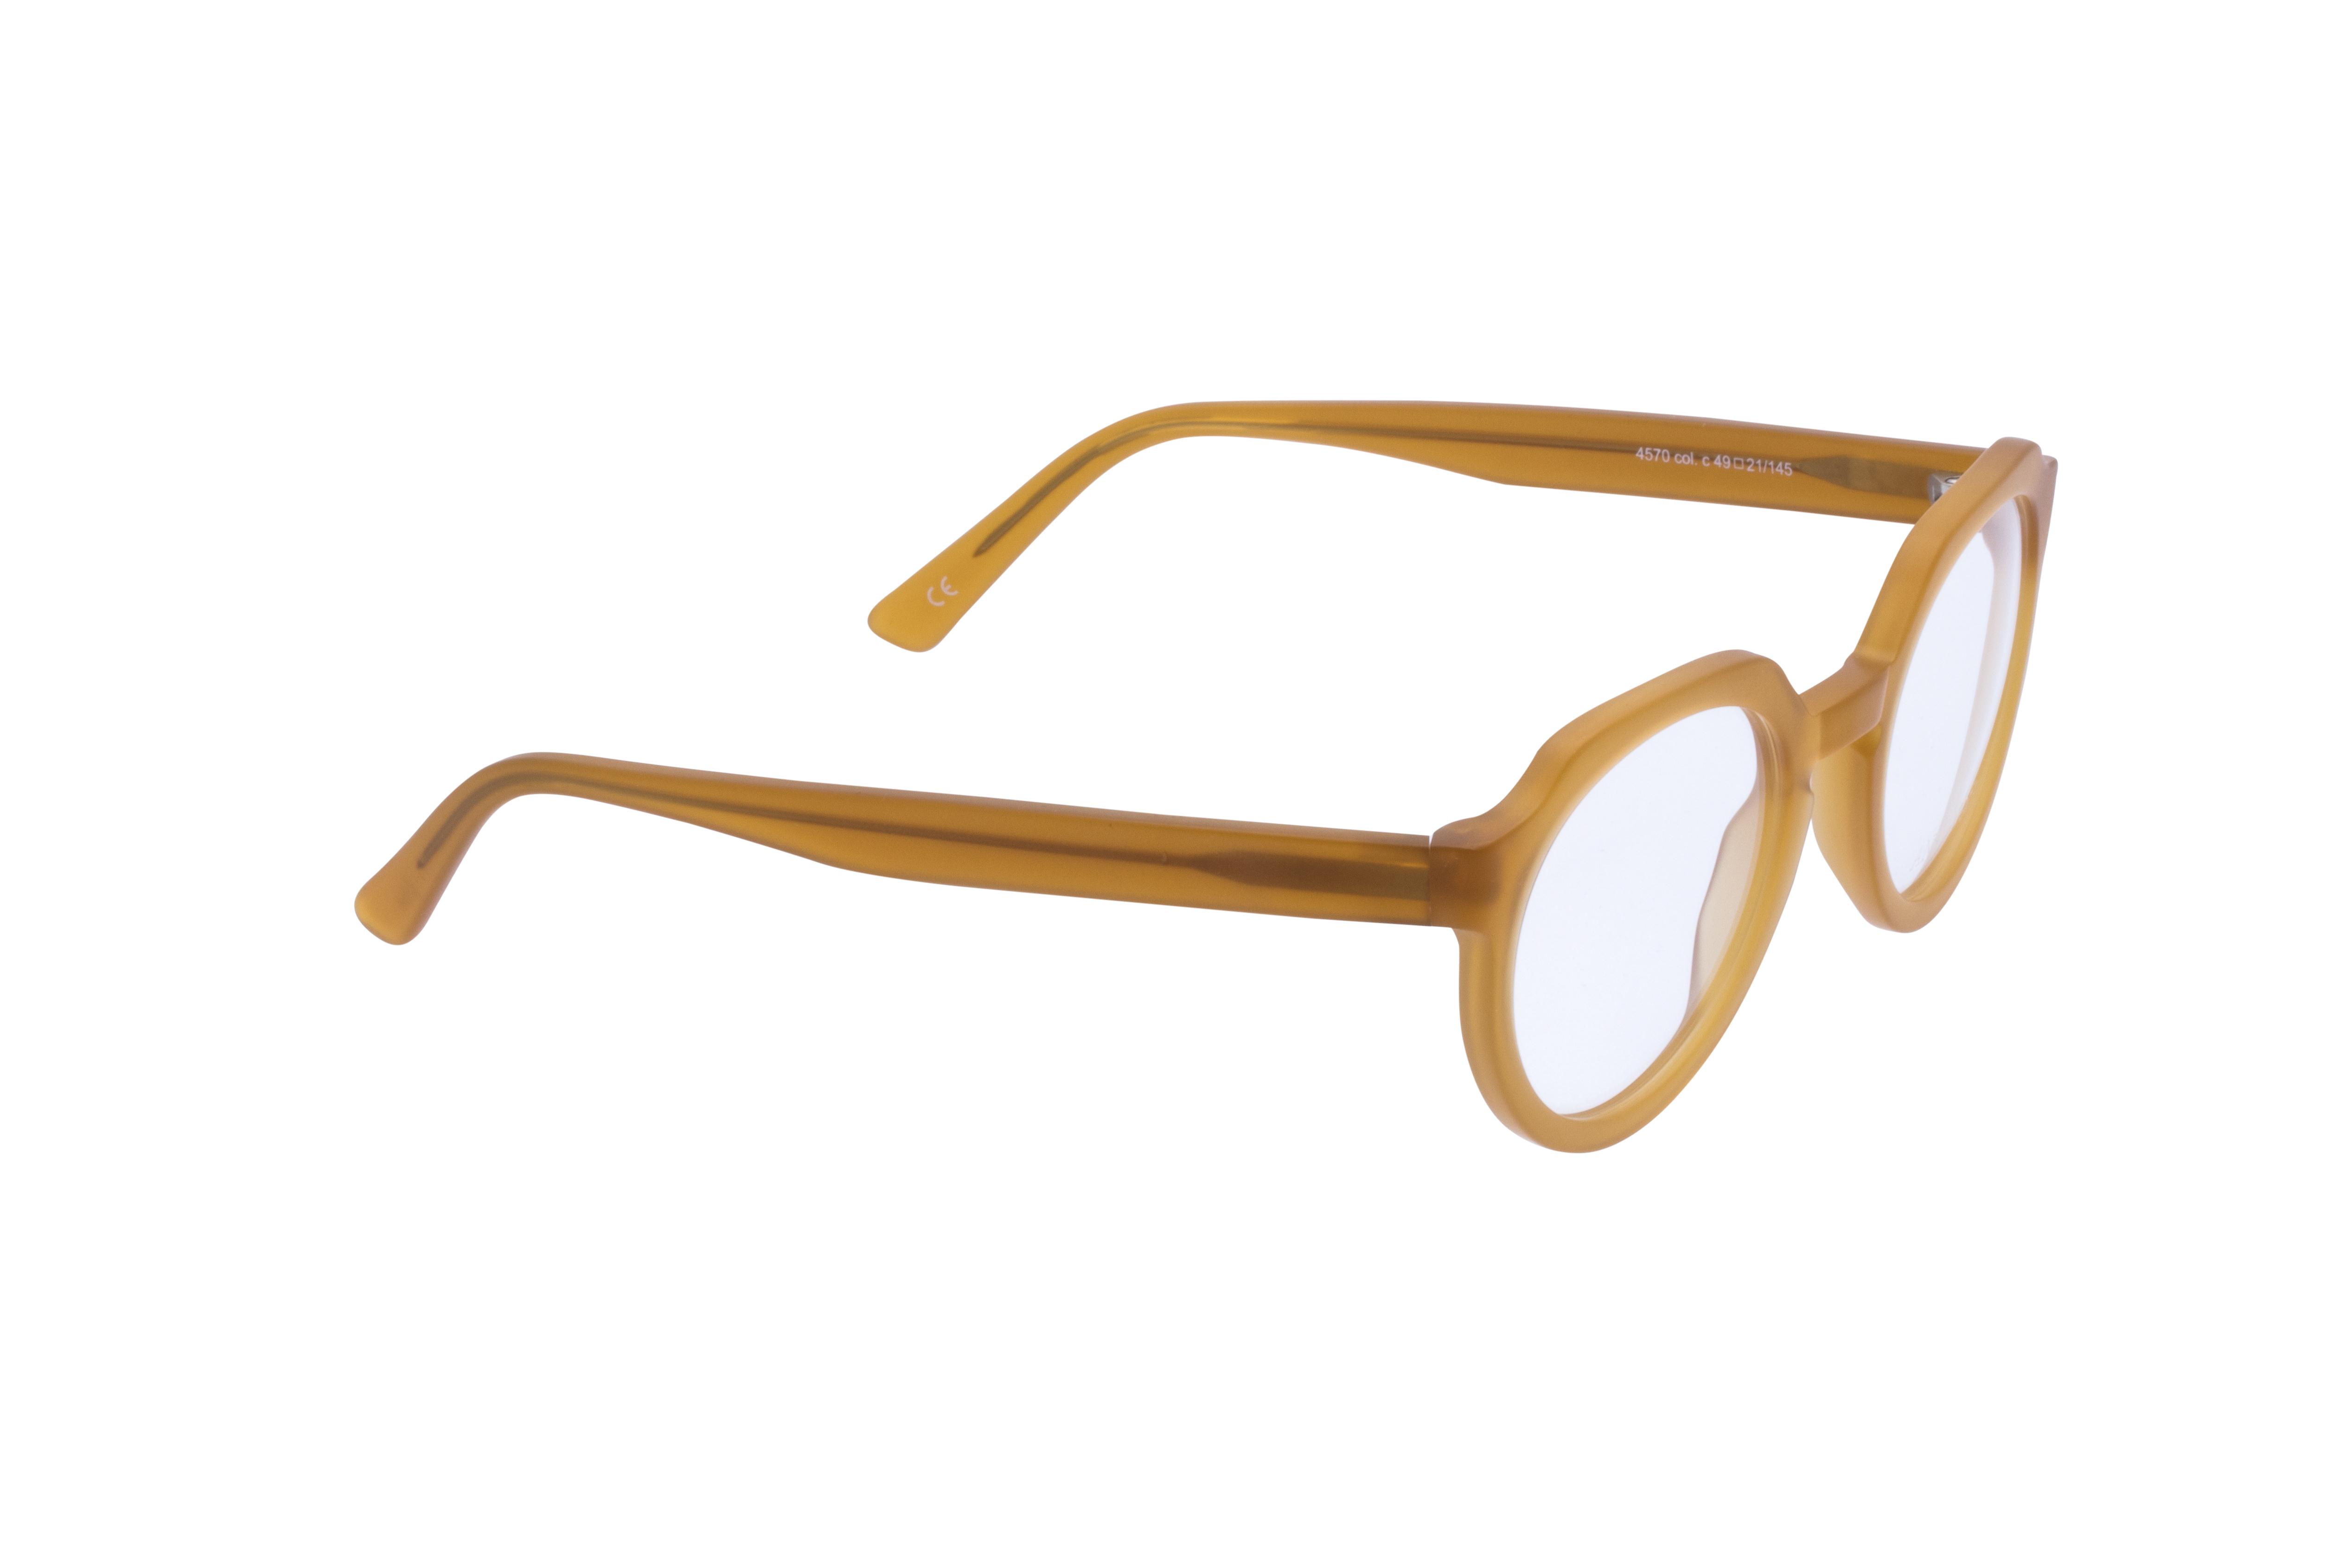 360 Grad Ansicht 4 Andy Wolf 4570, Brille auf Weiß - Fassung bei KUNK